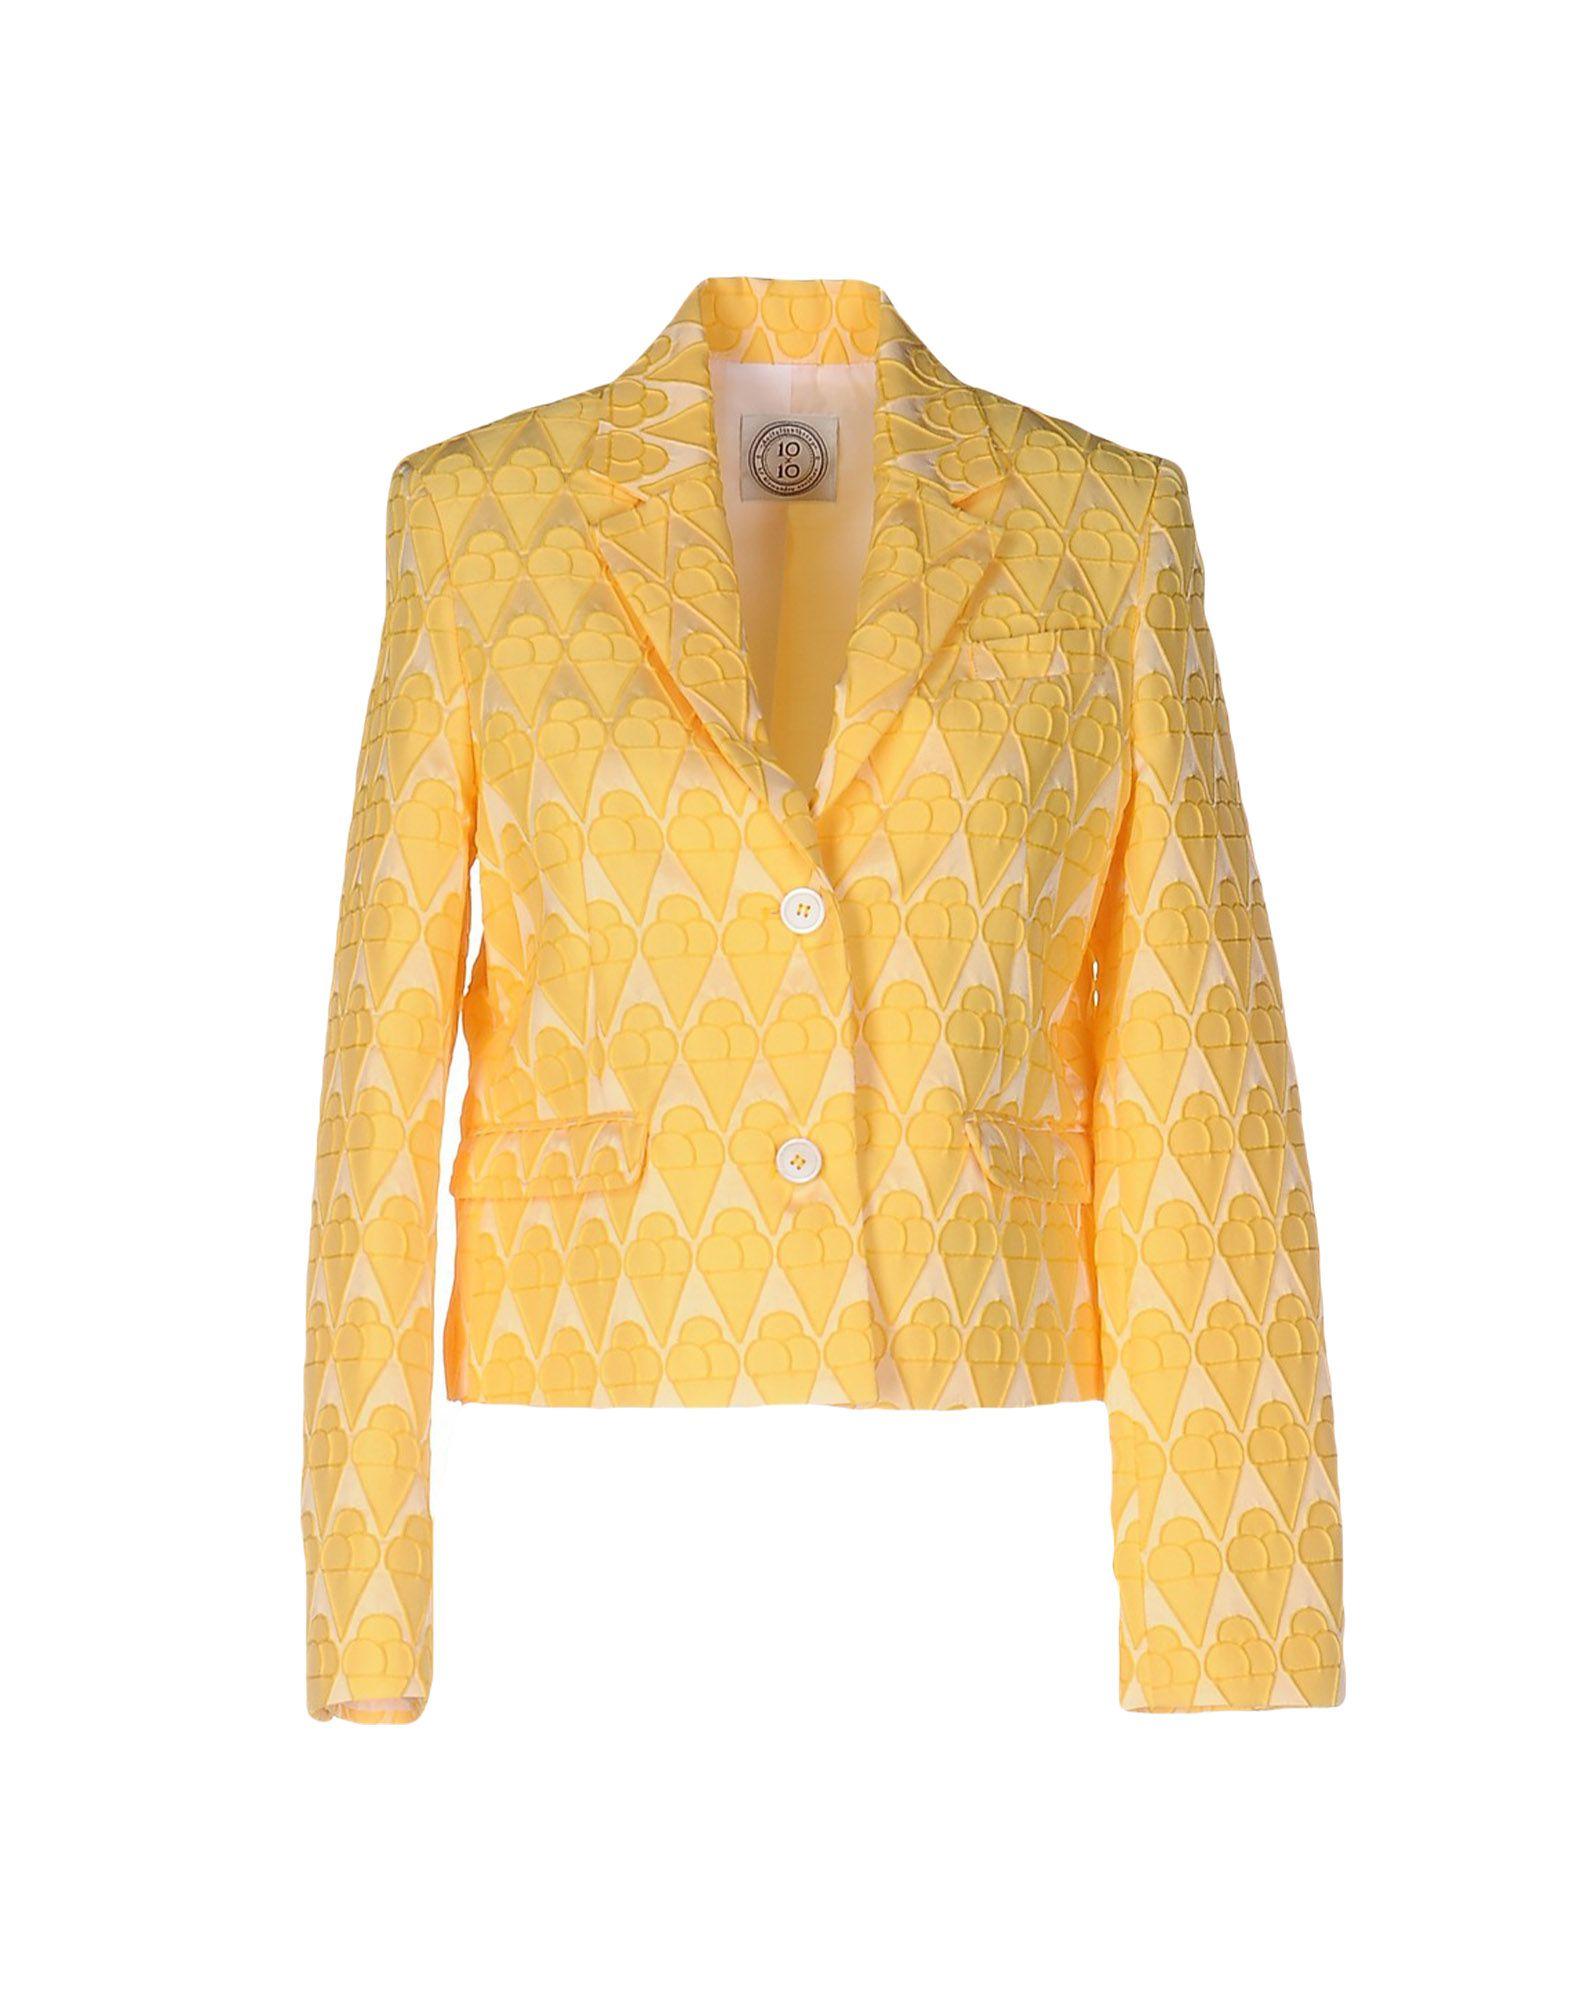 10X10 ANITALIANTHEORY Damen Jackett Farbe Gelb Größe 3 - broschei